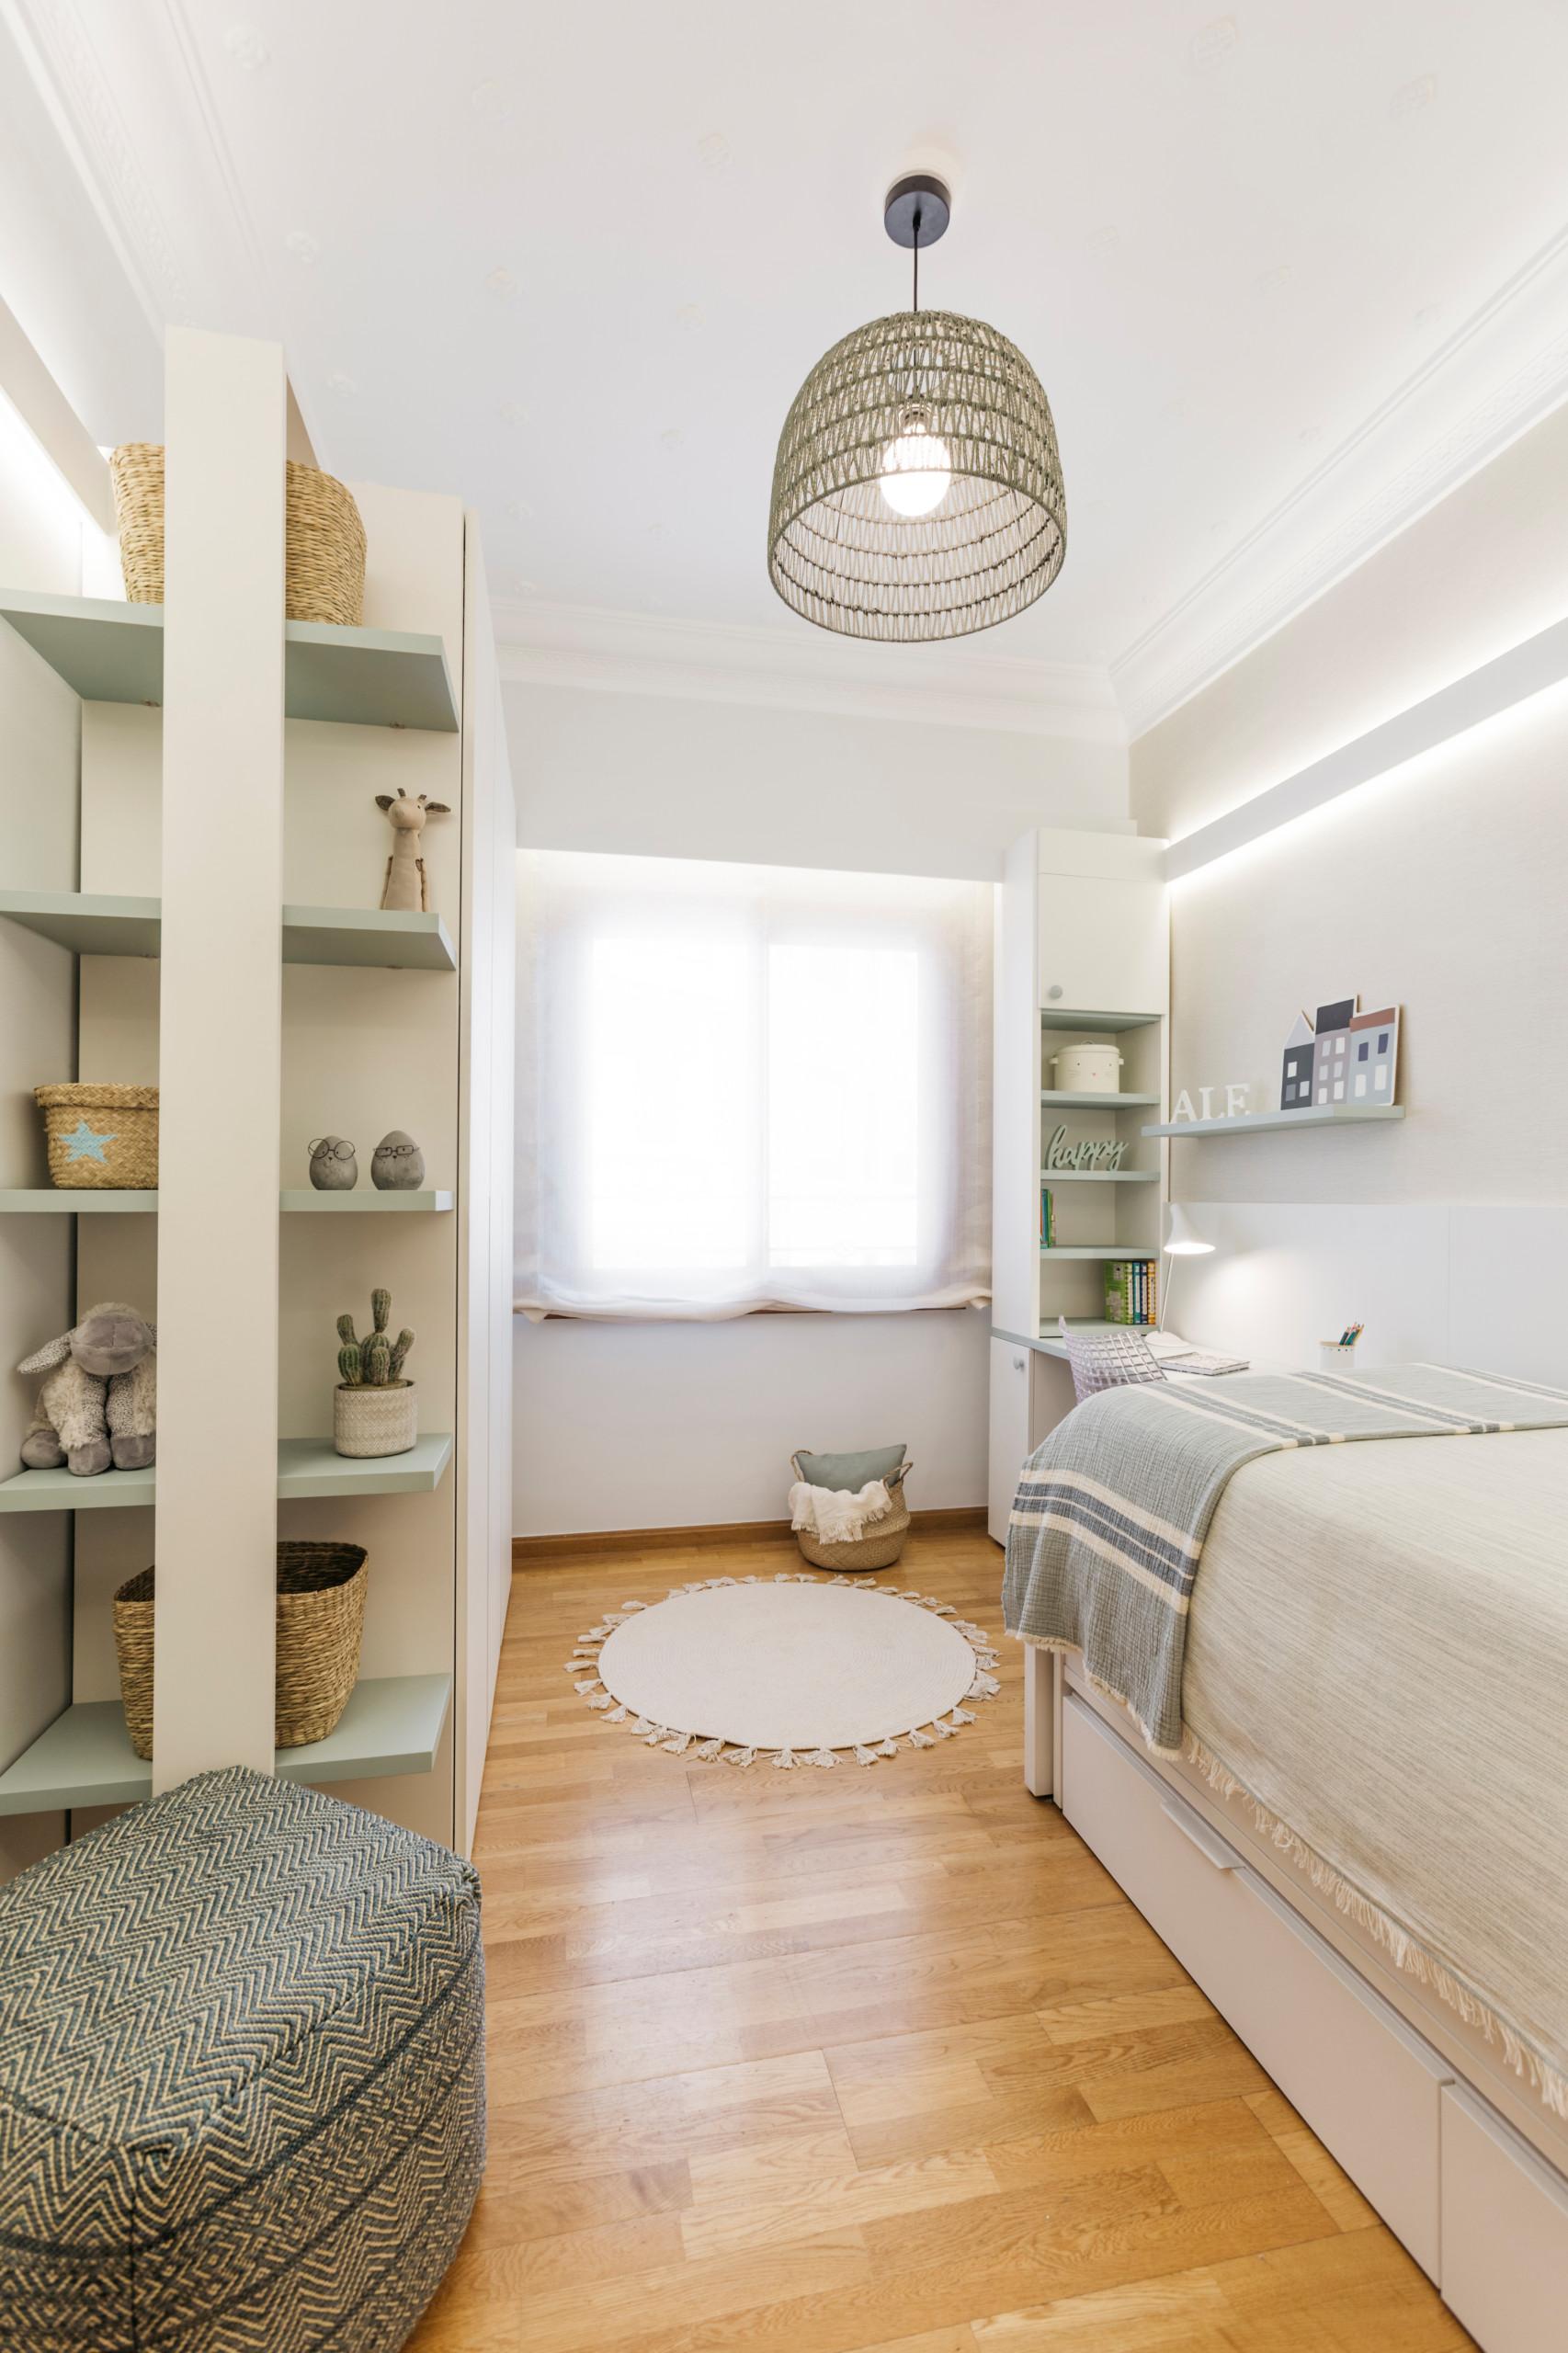 Vista general del dormitorio